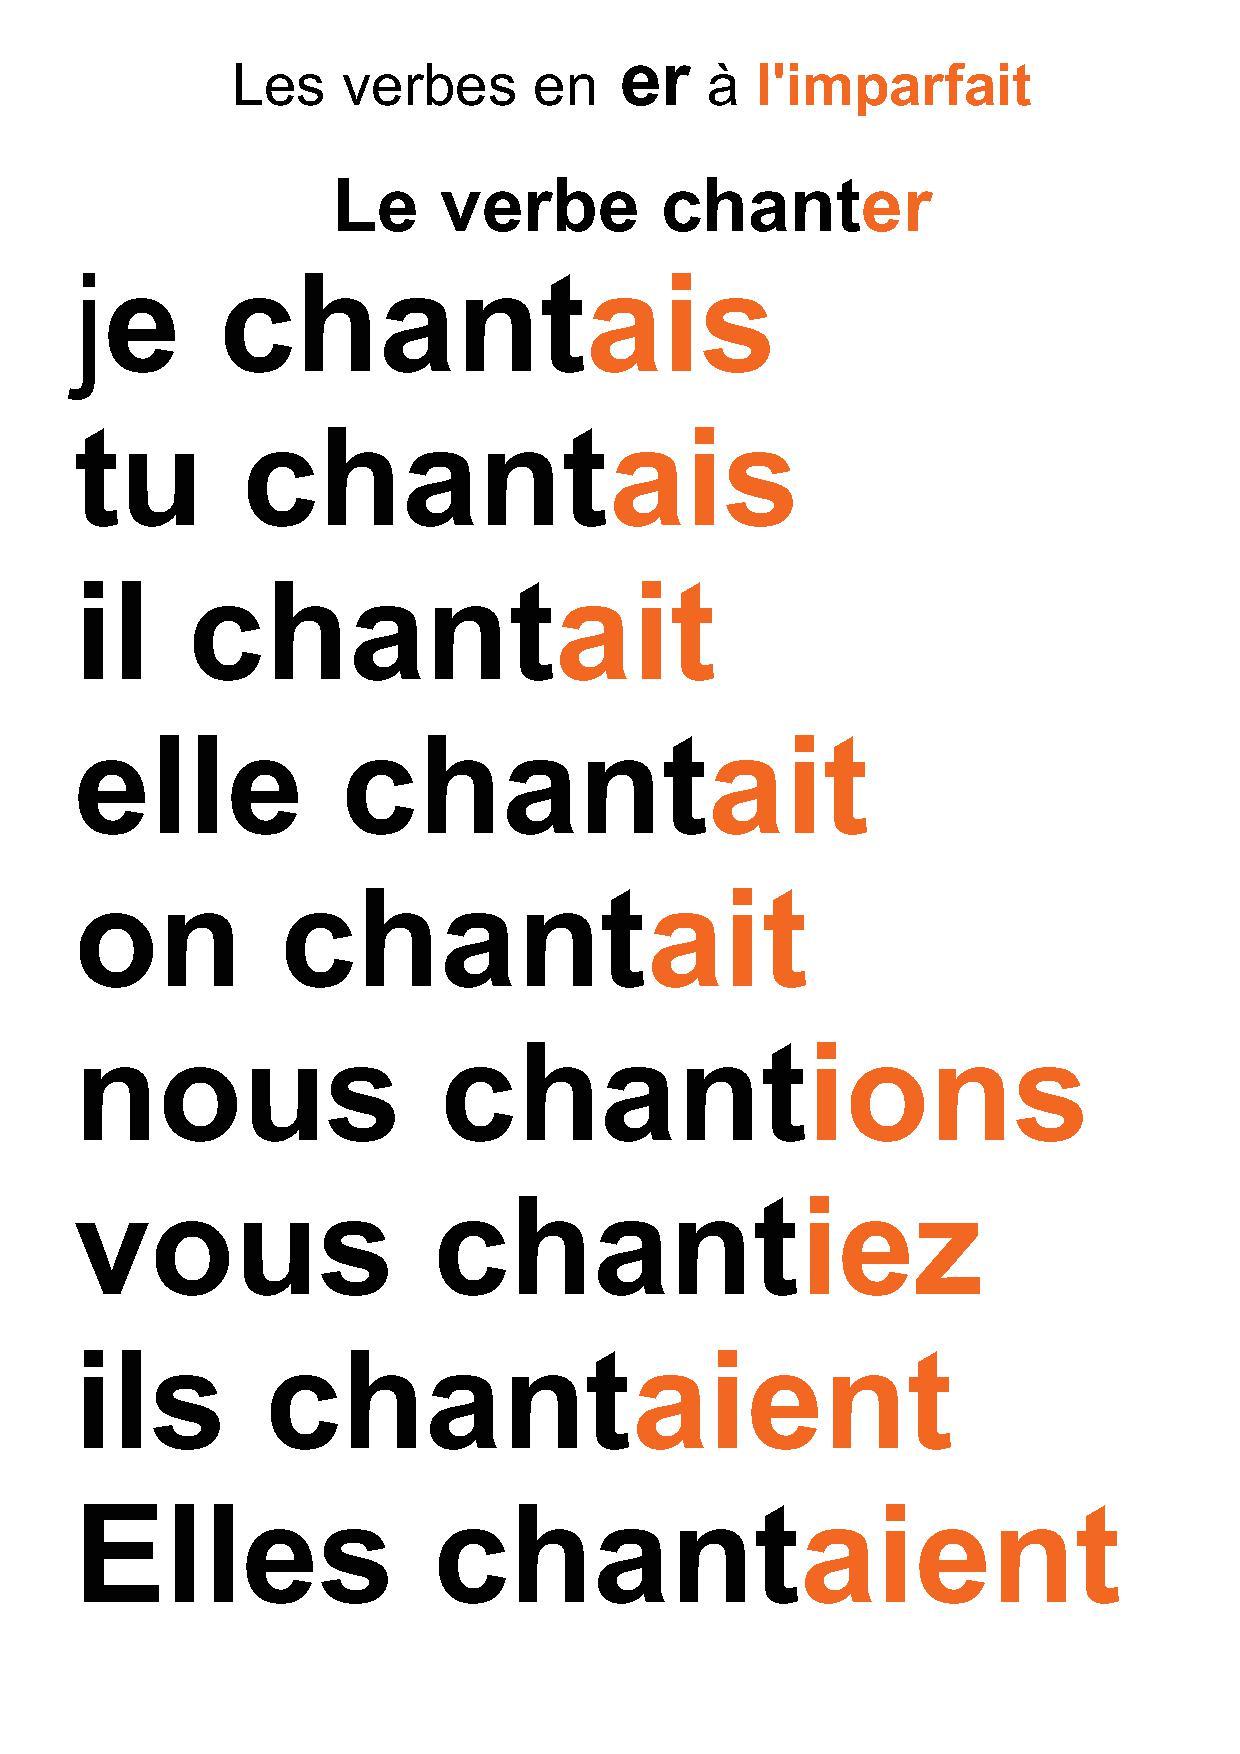 Affiche Du Verbe Chanter A L Imparfait Preprof